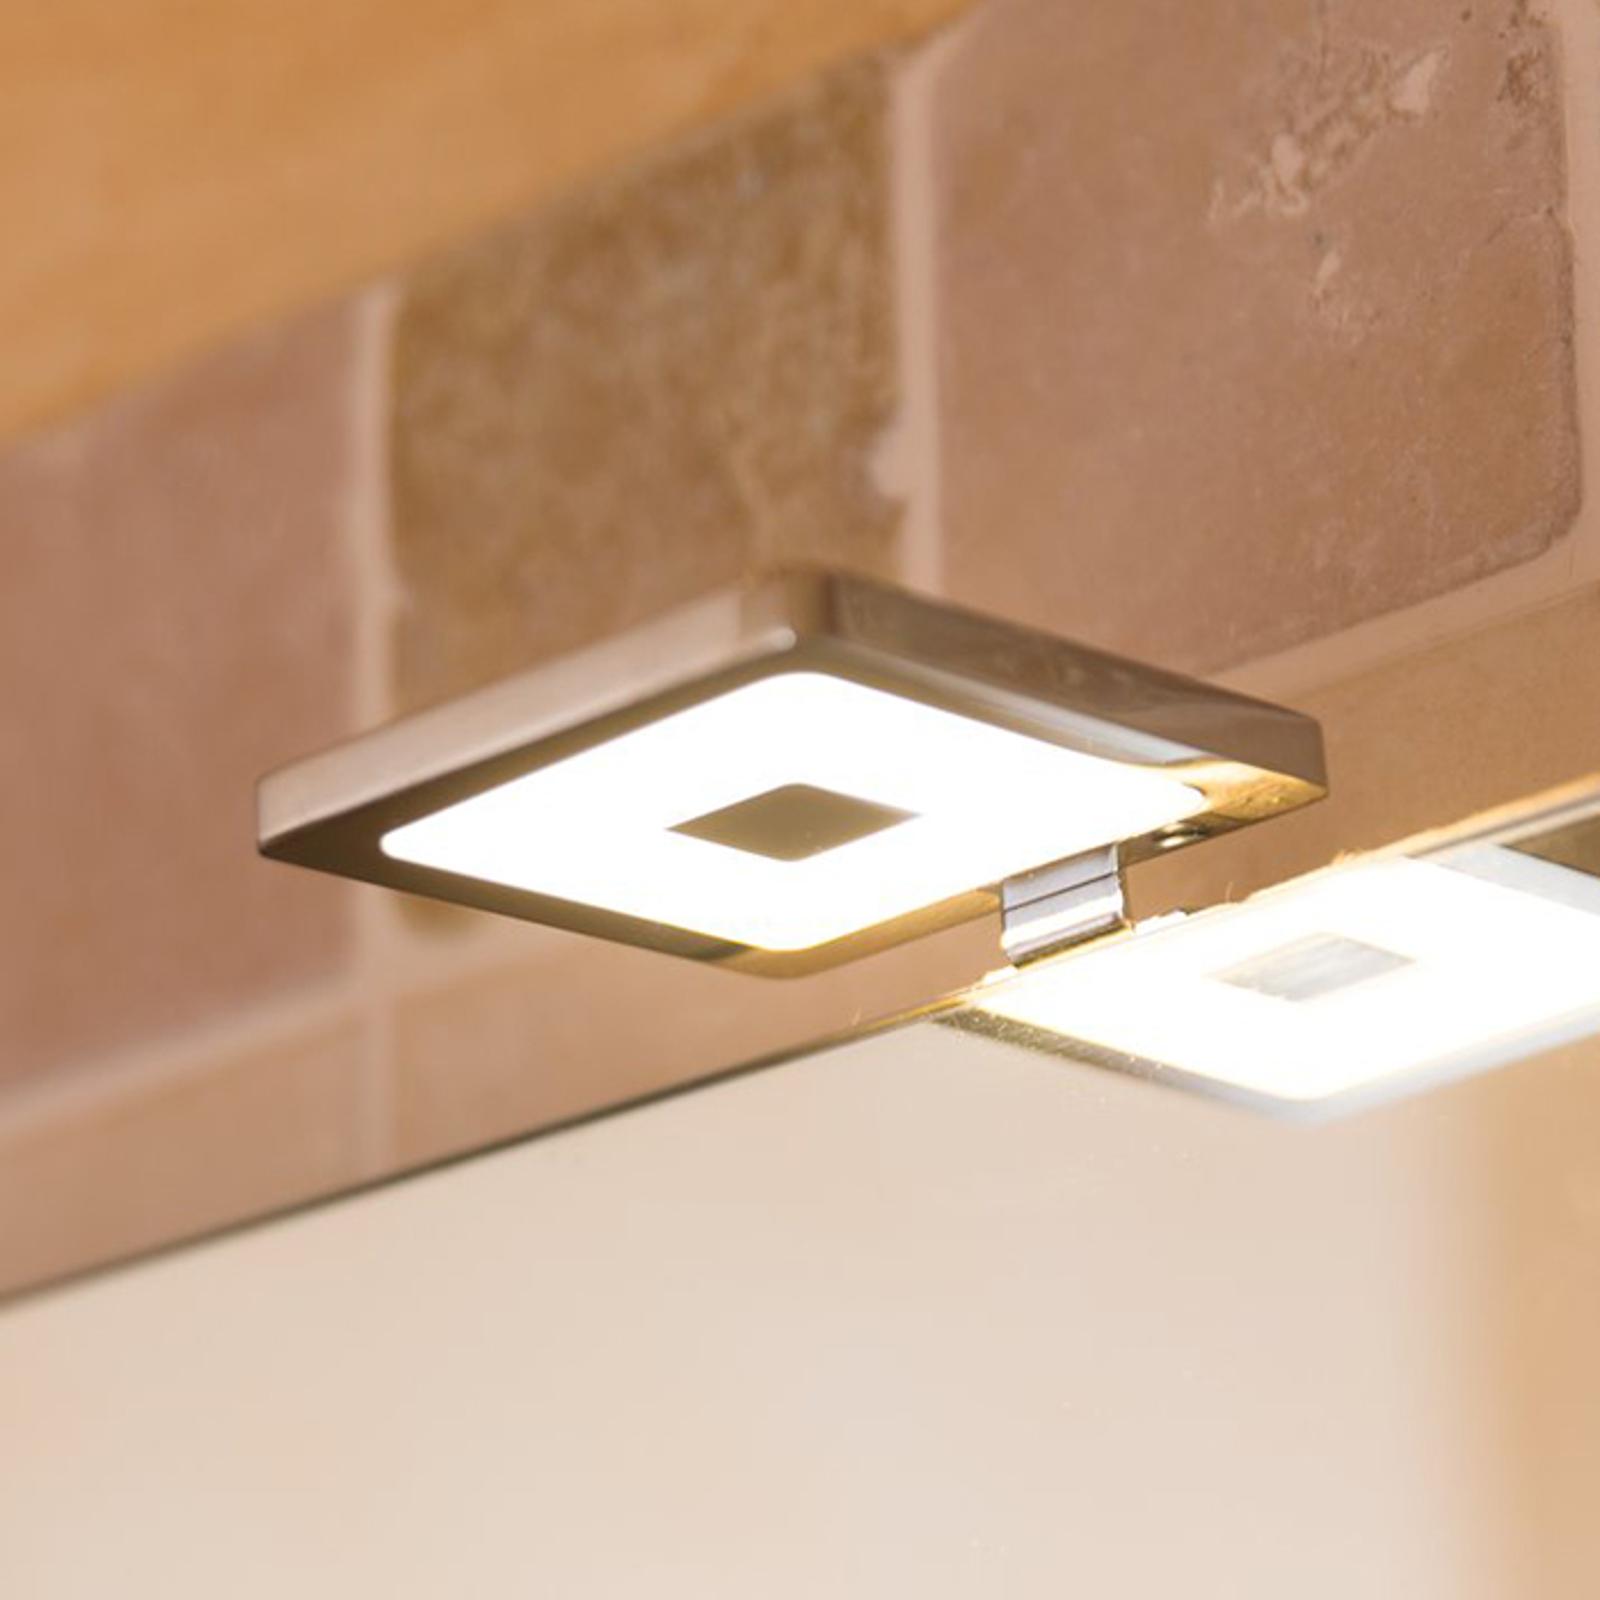 Piazza - kvadratisk LED-spegellampa